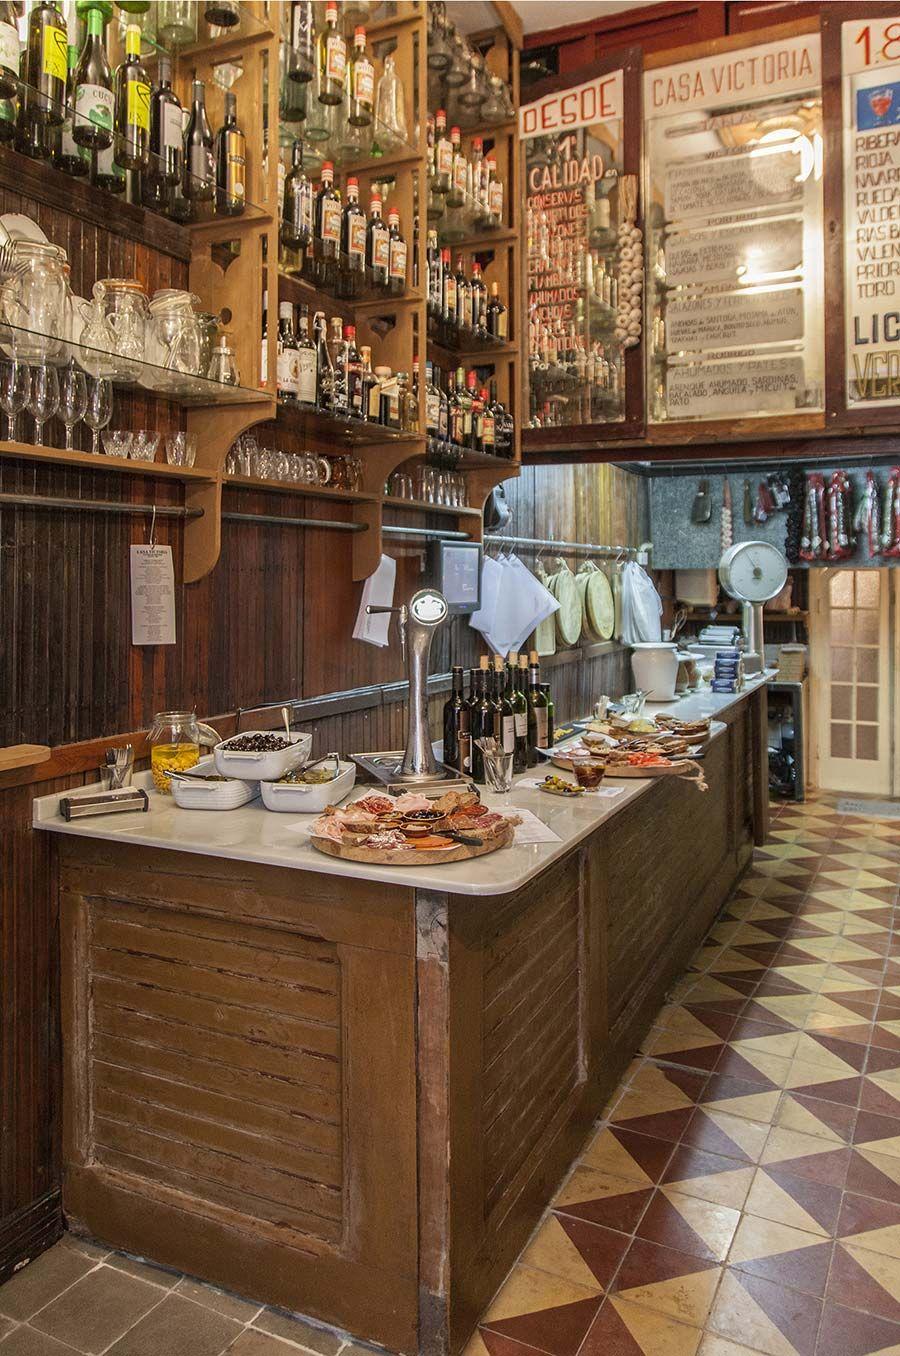 Dise o interior bar de tapas valencia proyectos bars - Decoracion de bares de tapas ...